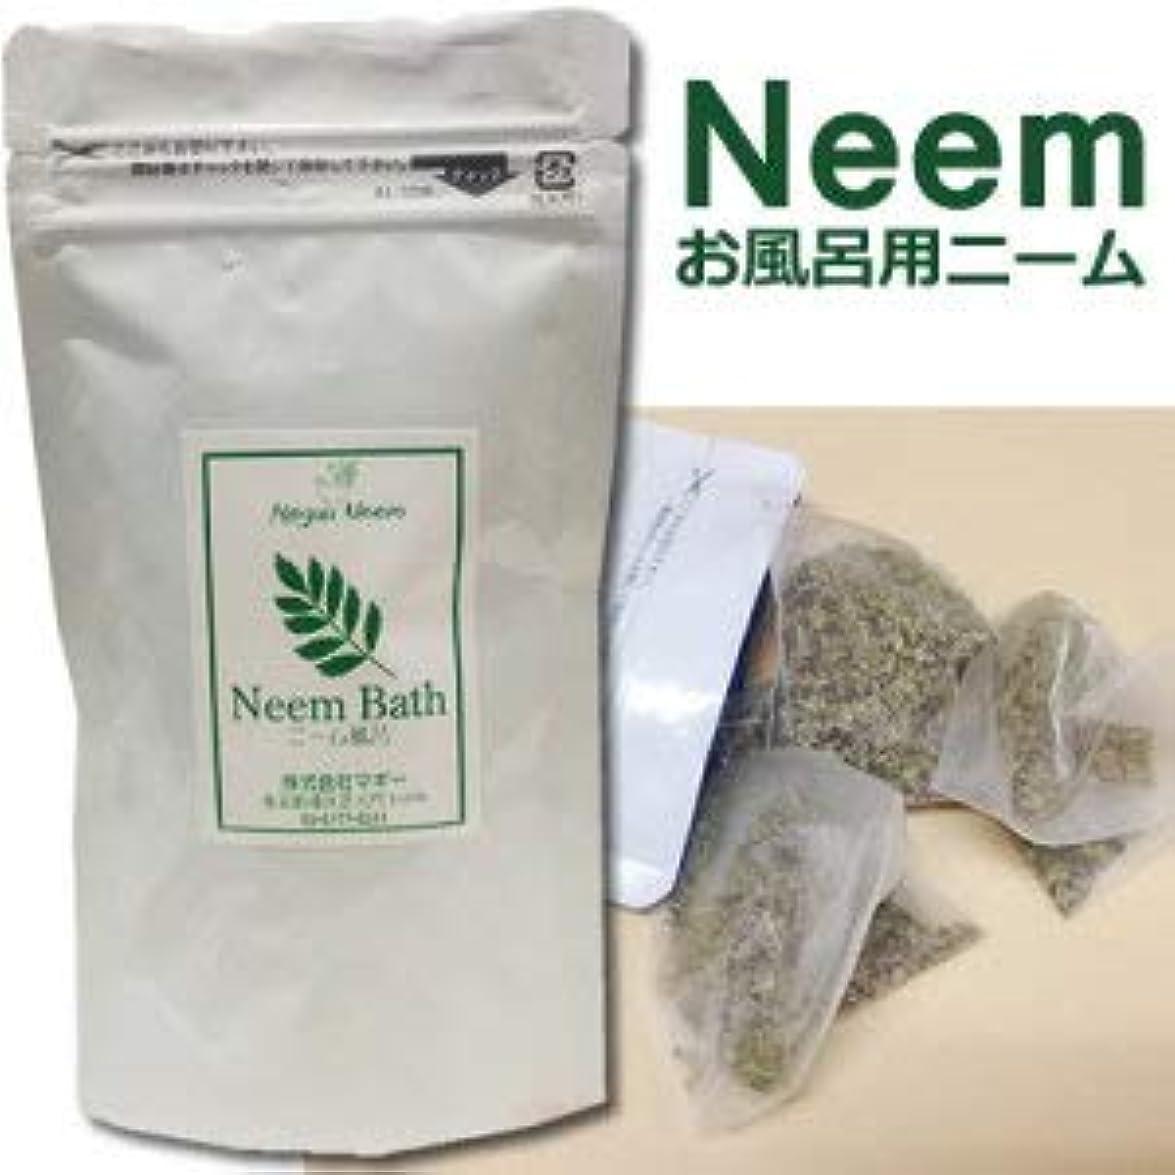 不快敷居バランスマグーニーム お風呂用ニーム MaguuNeem Bath Herb 5包